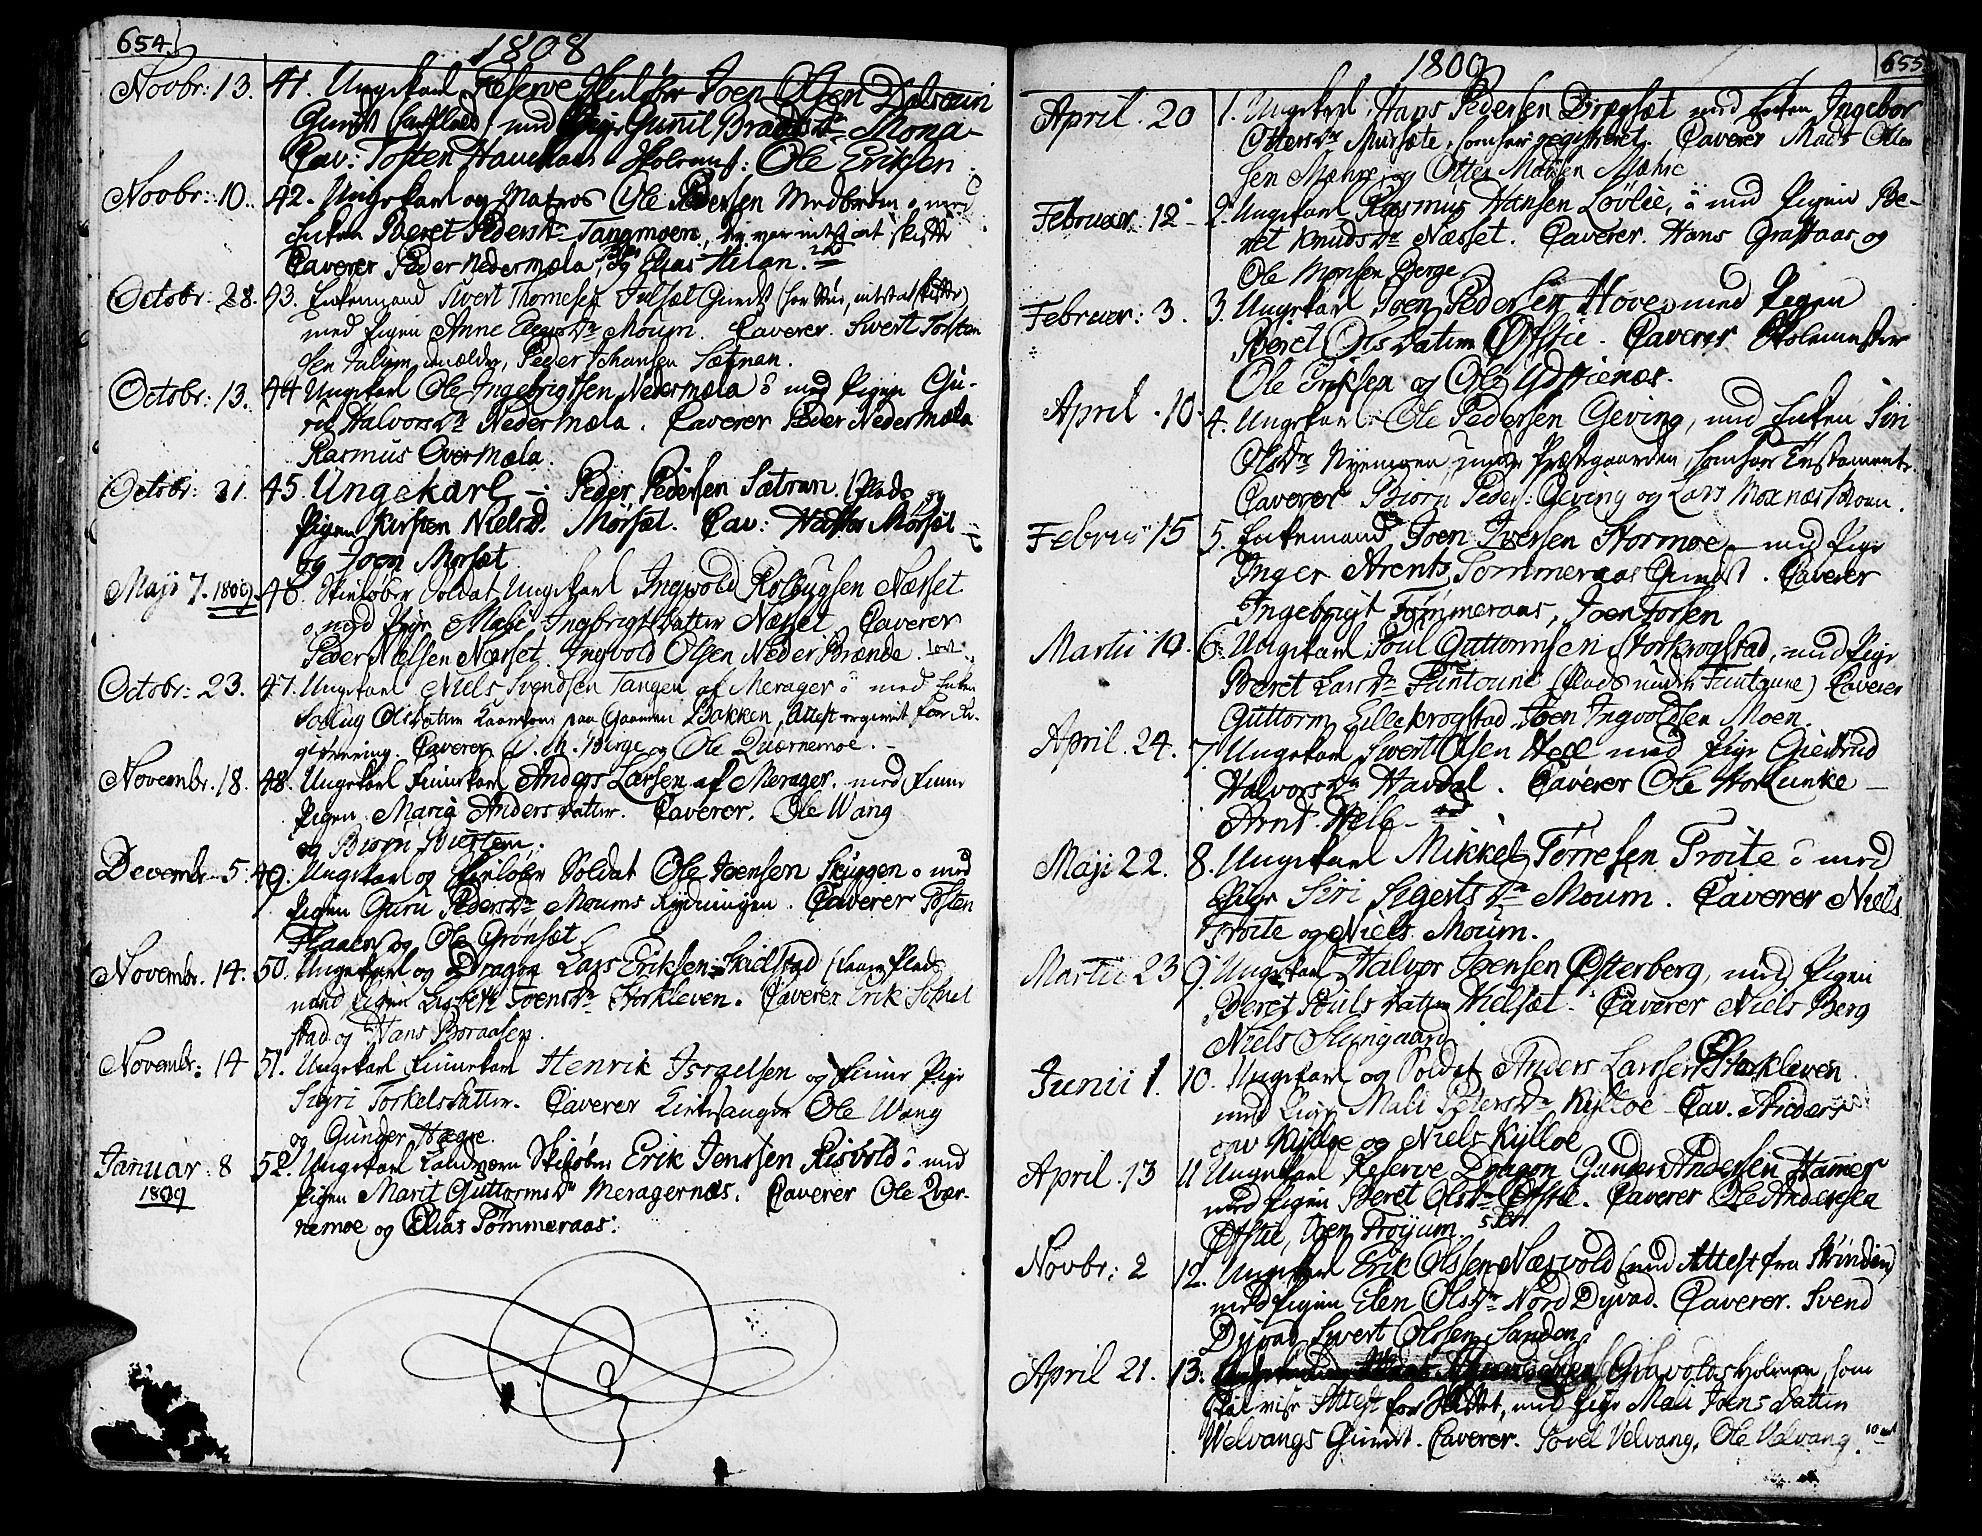 SAT, Ministerialprotokoller, klokkerbøker og fødselsregistre - Nord-Trøndelag, 709/L0060: Ministerialbok nr. 709A07, 1797-1815, s. 654-655